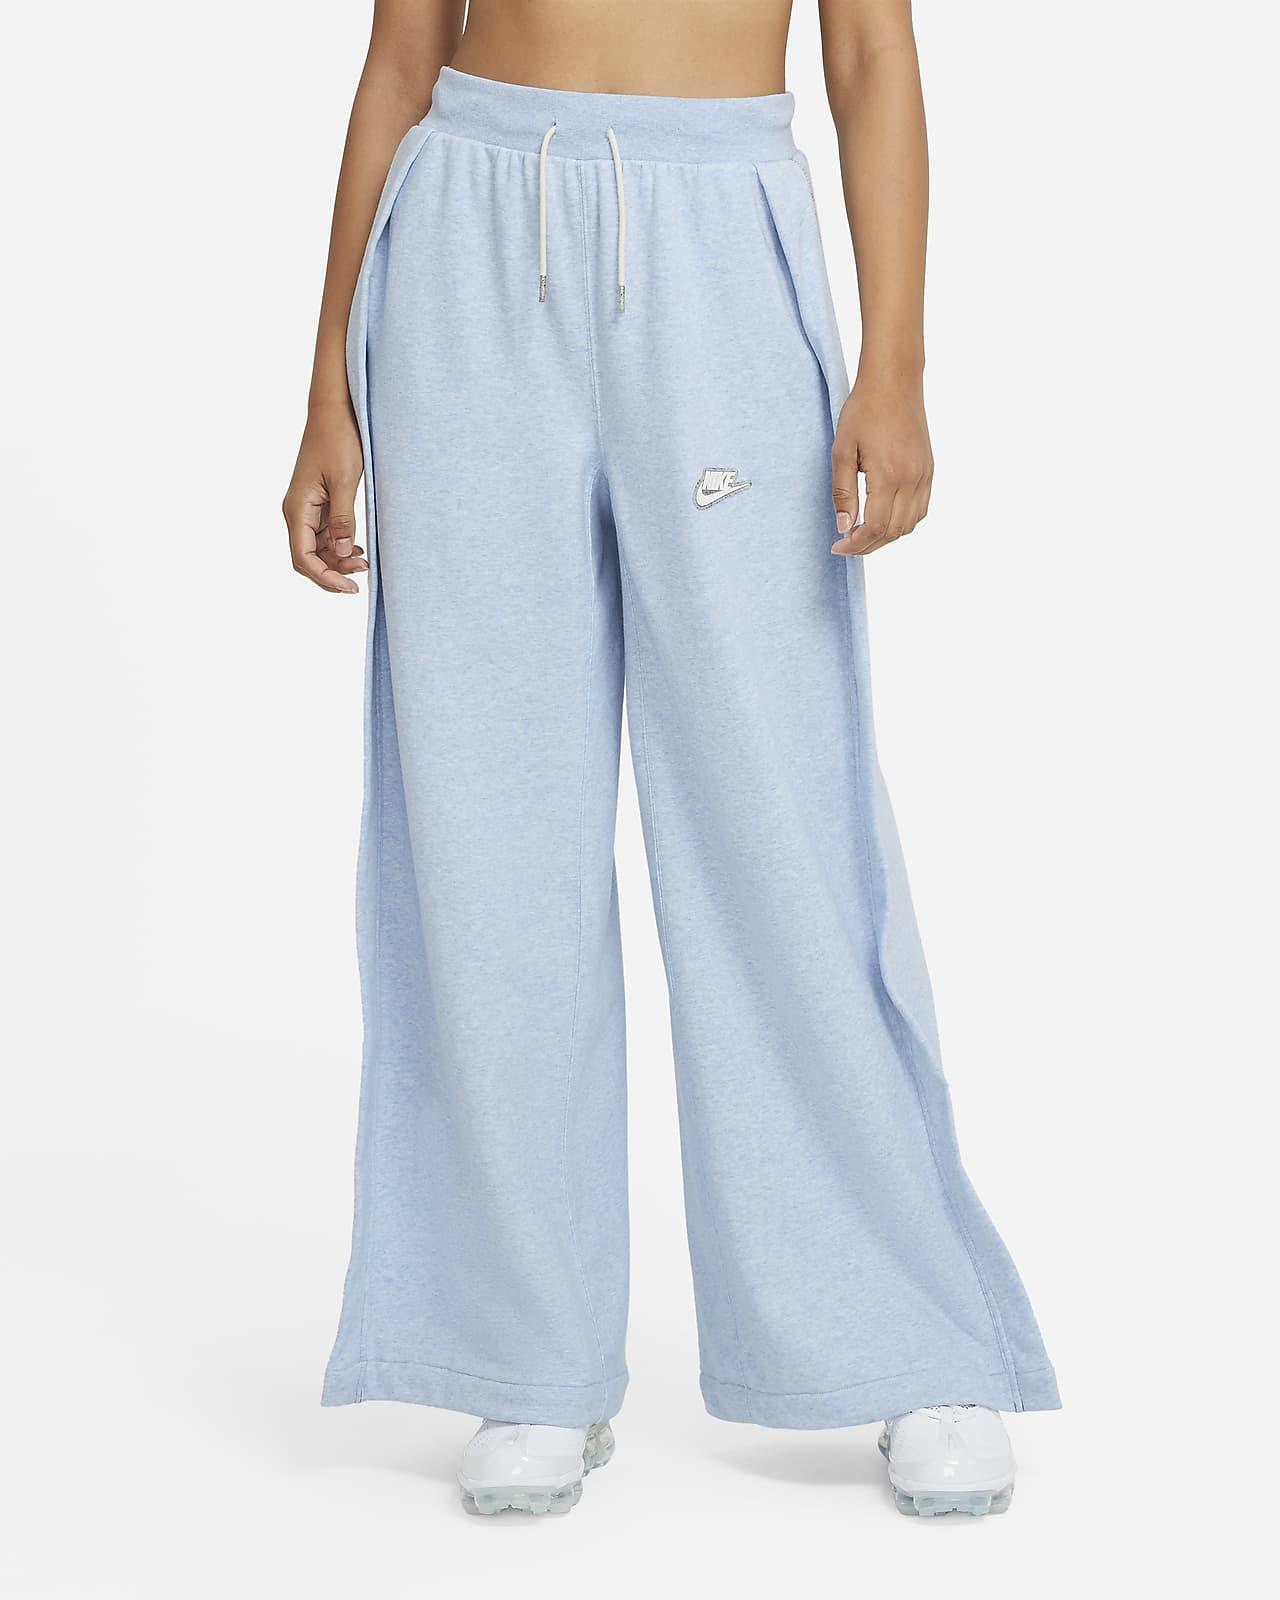 Dámské kalhoty Nike Sportswear z francouzského froté